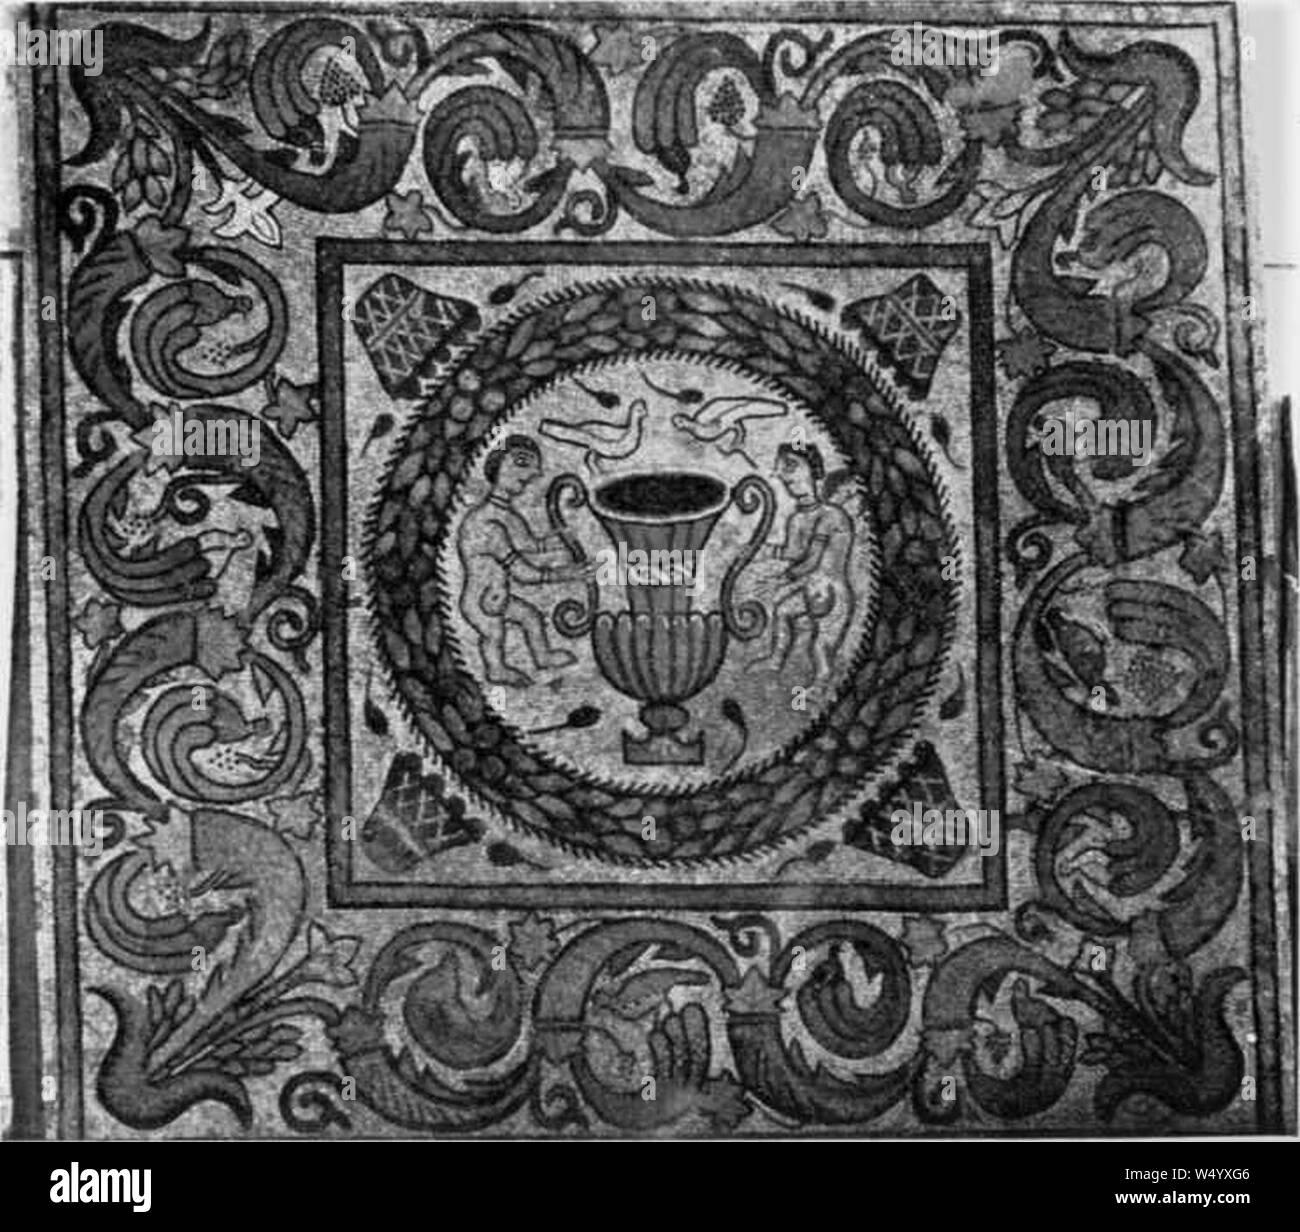 Cuadro central del mosaico de la habitación 5. Stock Photo